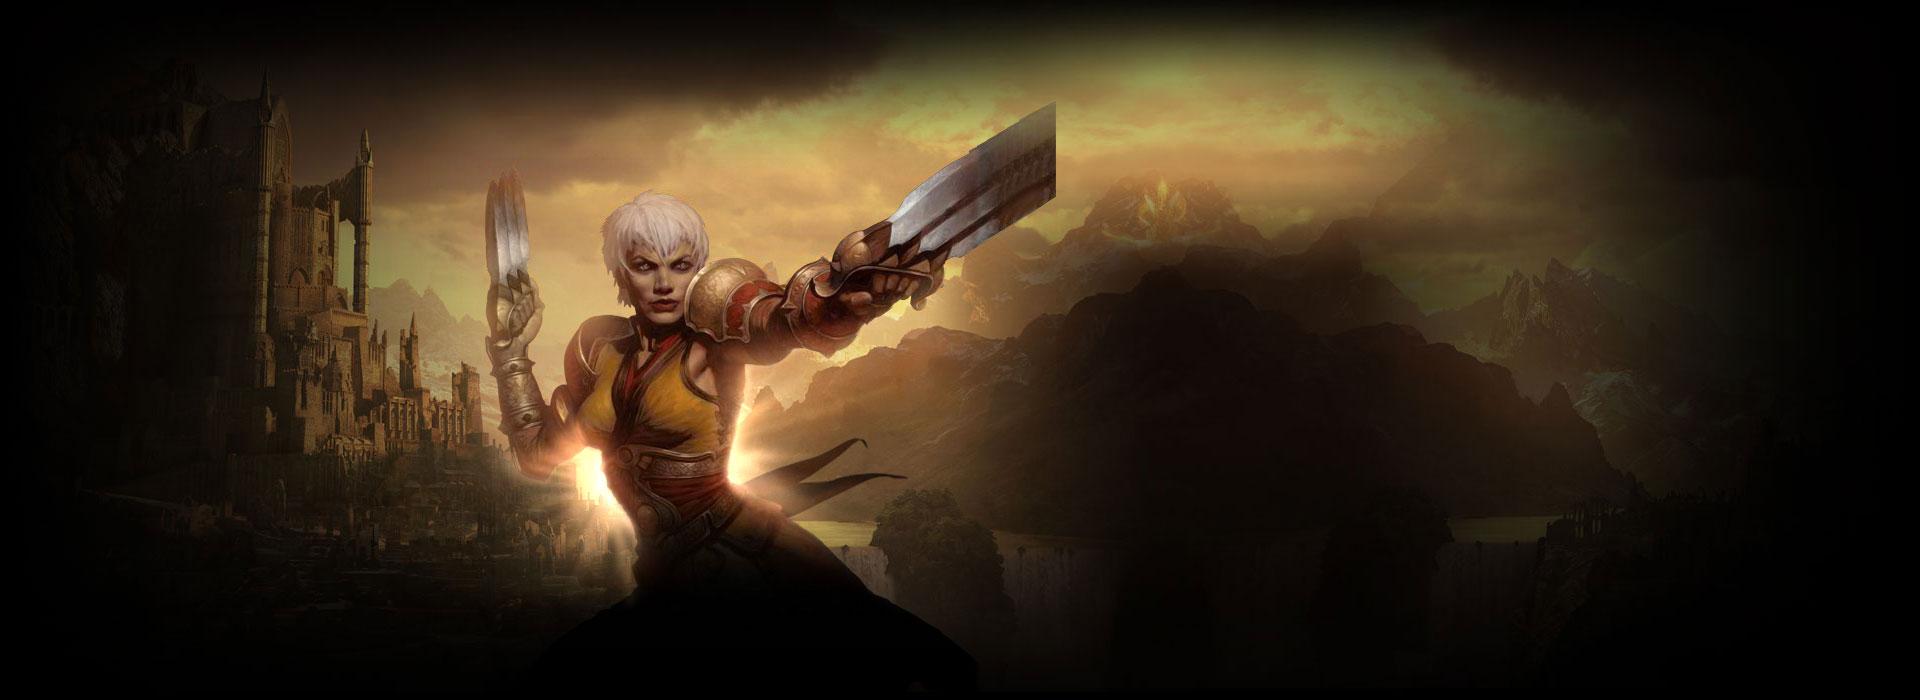 Monk (Diablo III)   Diablo Wiki   FANDOM powered by Wikia